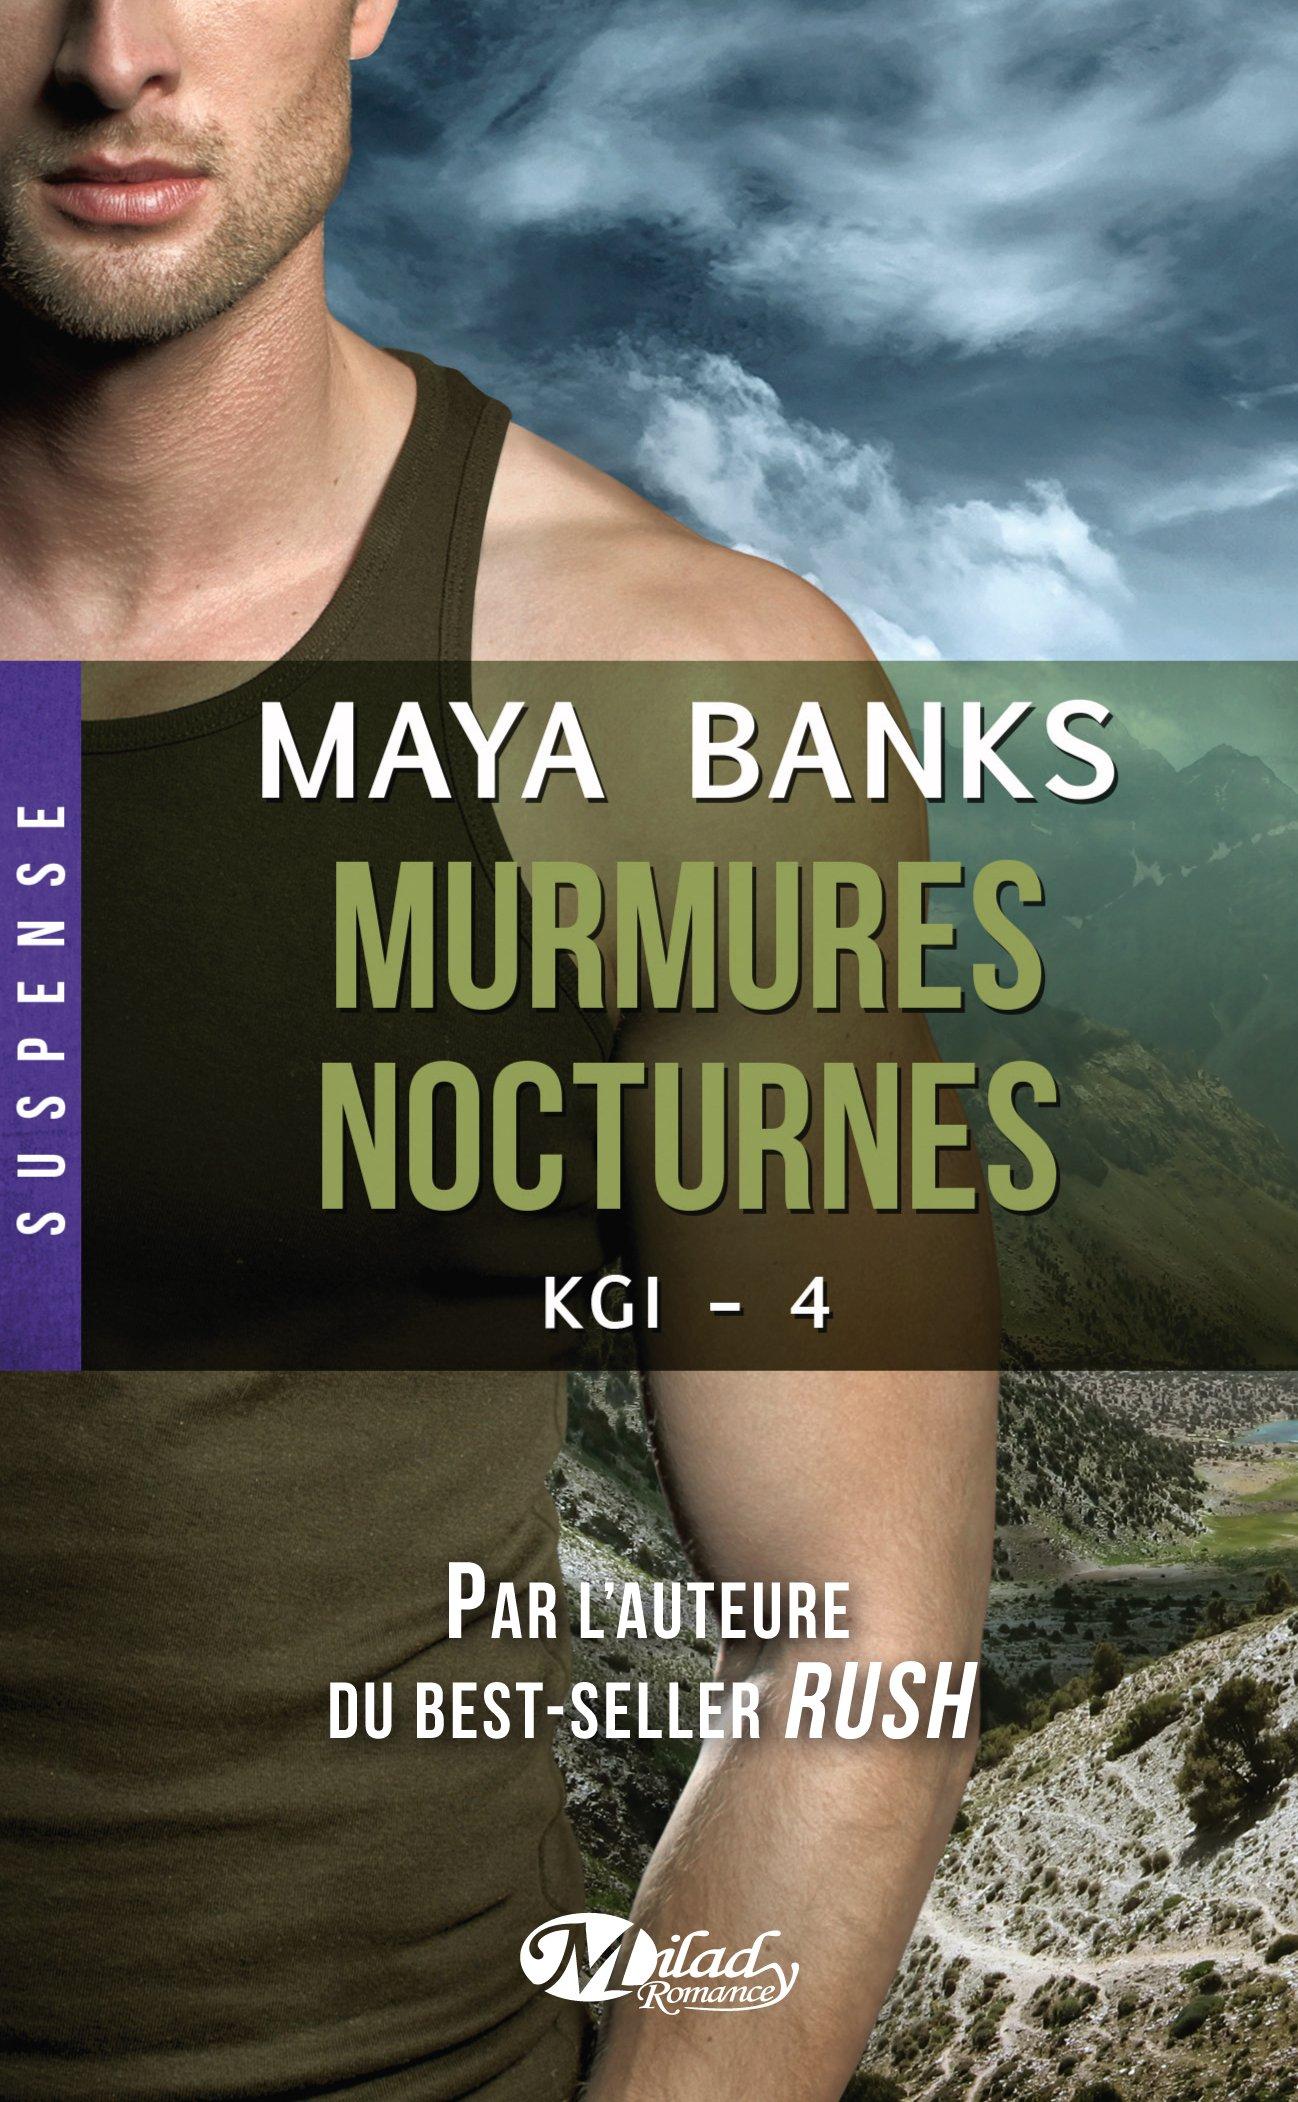 KGI, Tome 4 : Murmures nocturnes 818hqkgxPTL